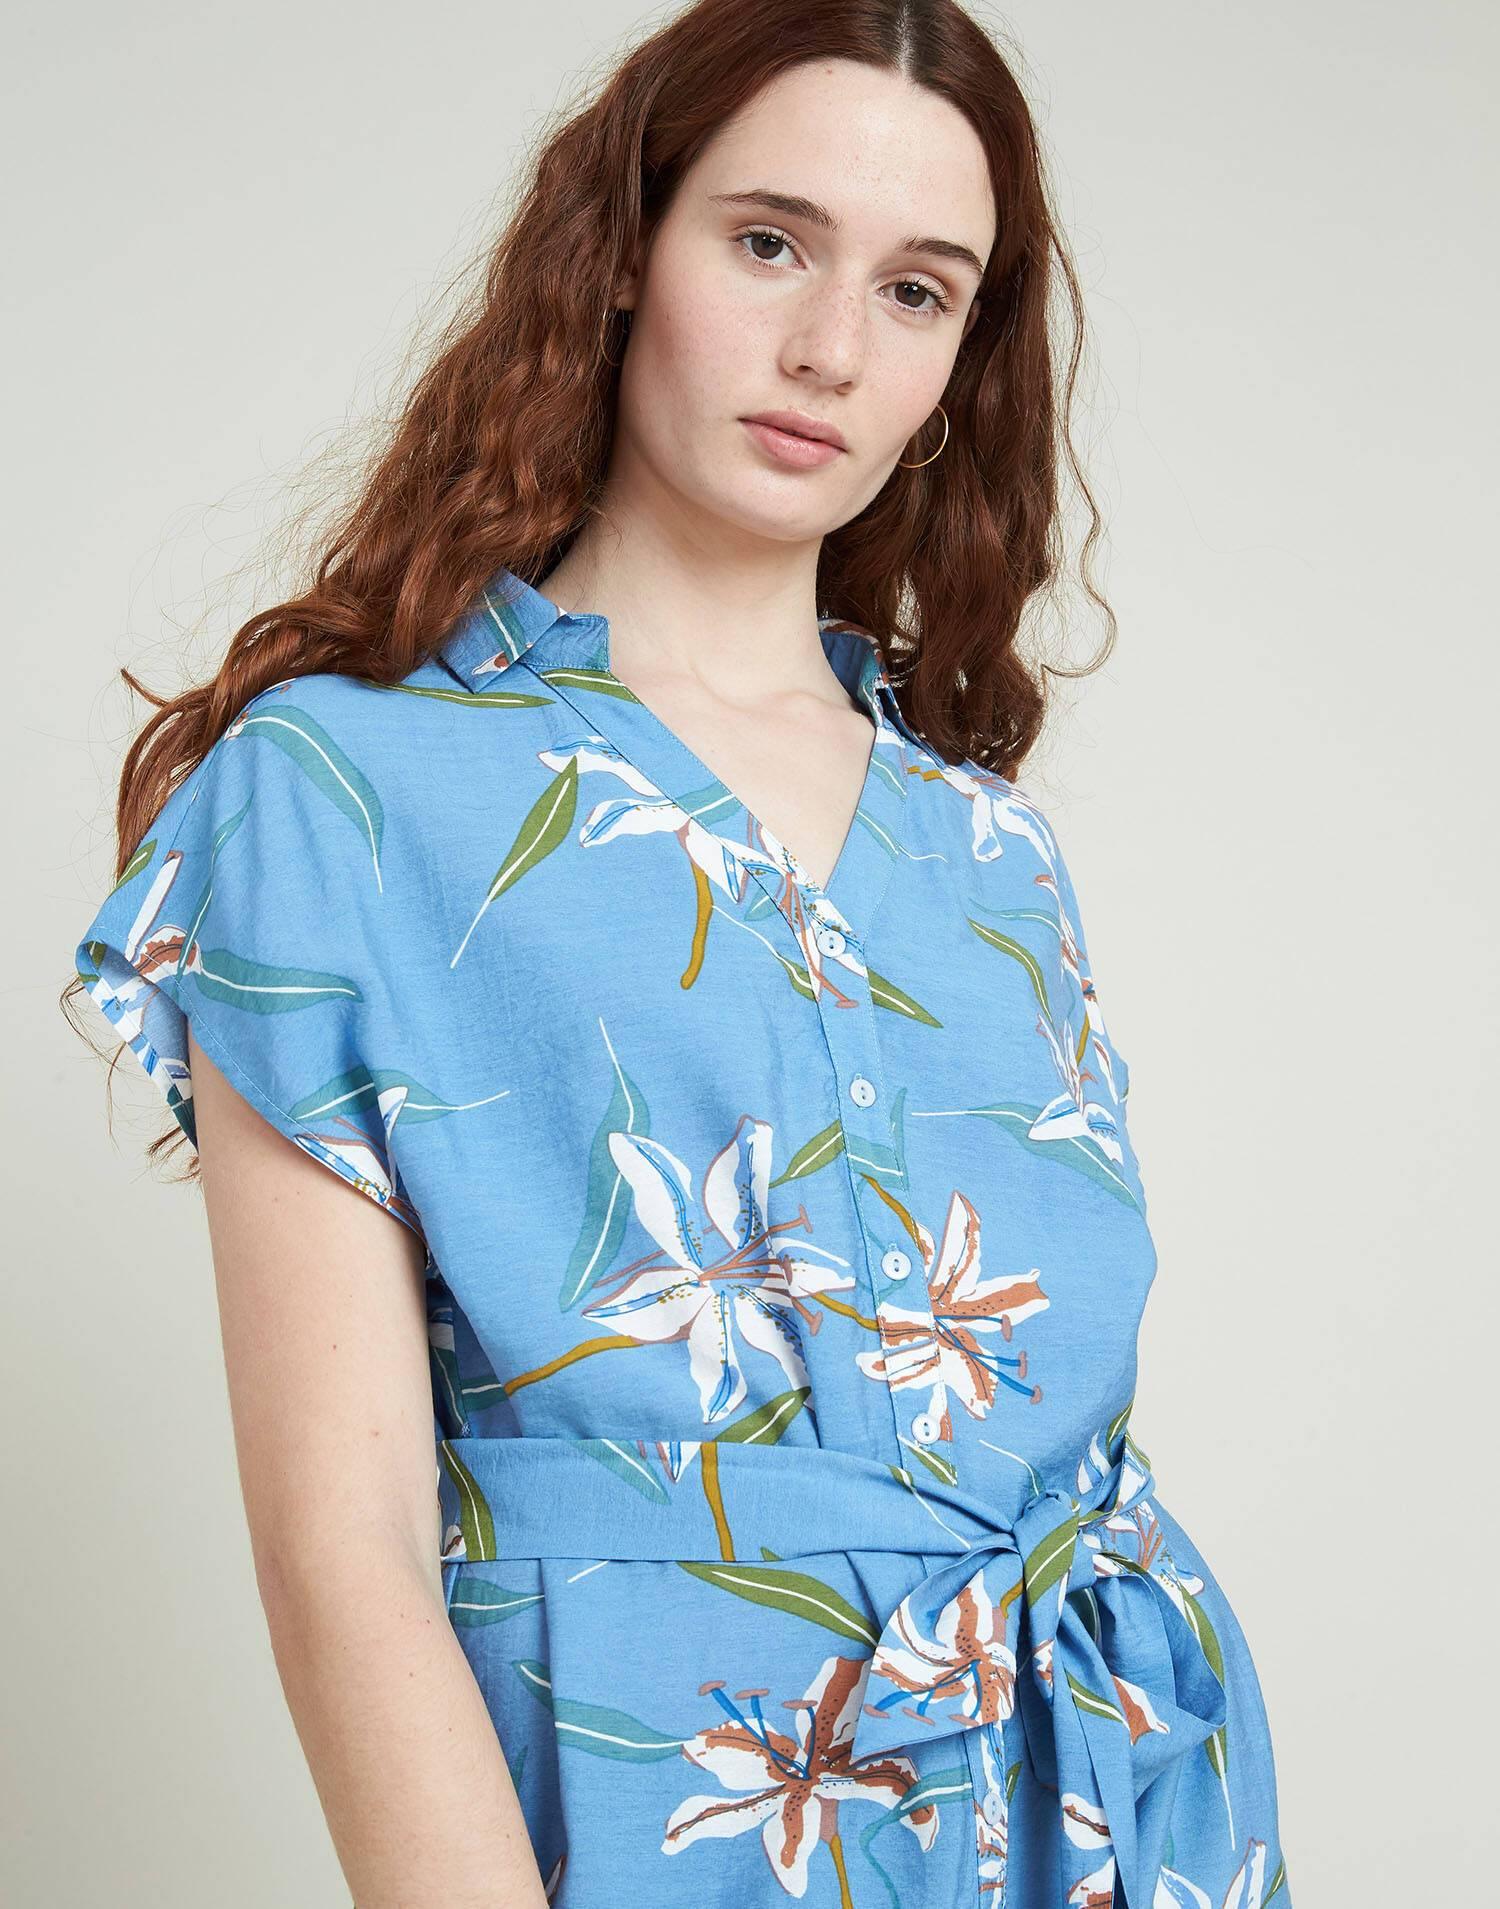 Flowered shirt dress